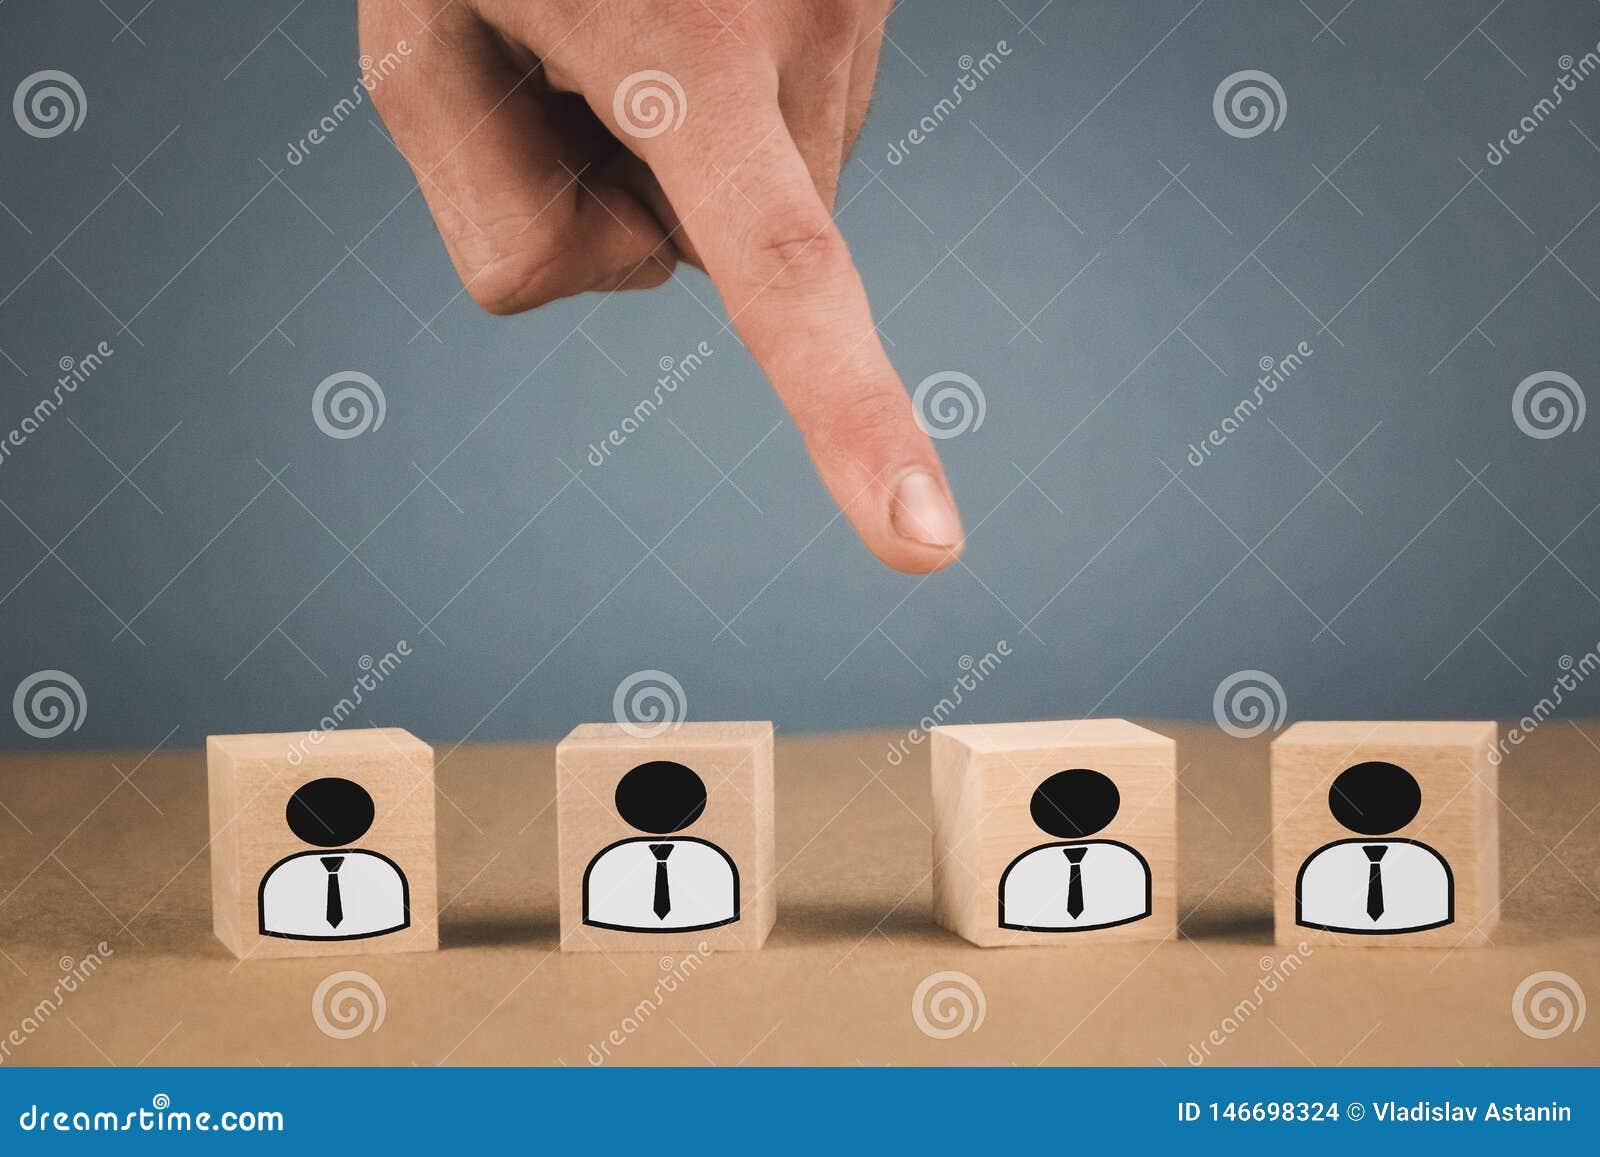 Escolha de um l?der do empregado da multid?o os pontos da m?o ao cubo de madeira que simboliza que a m?o faz a escolha